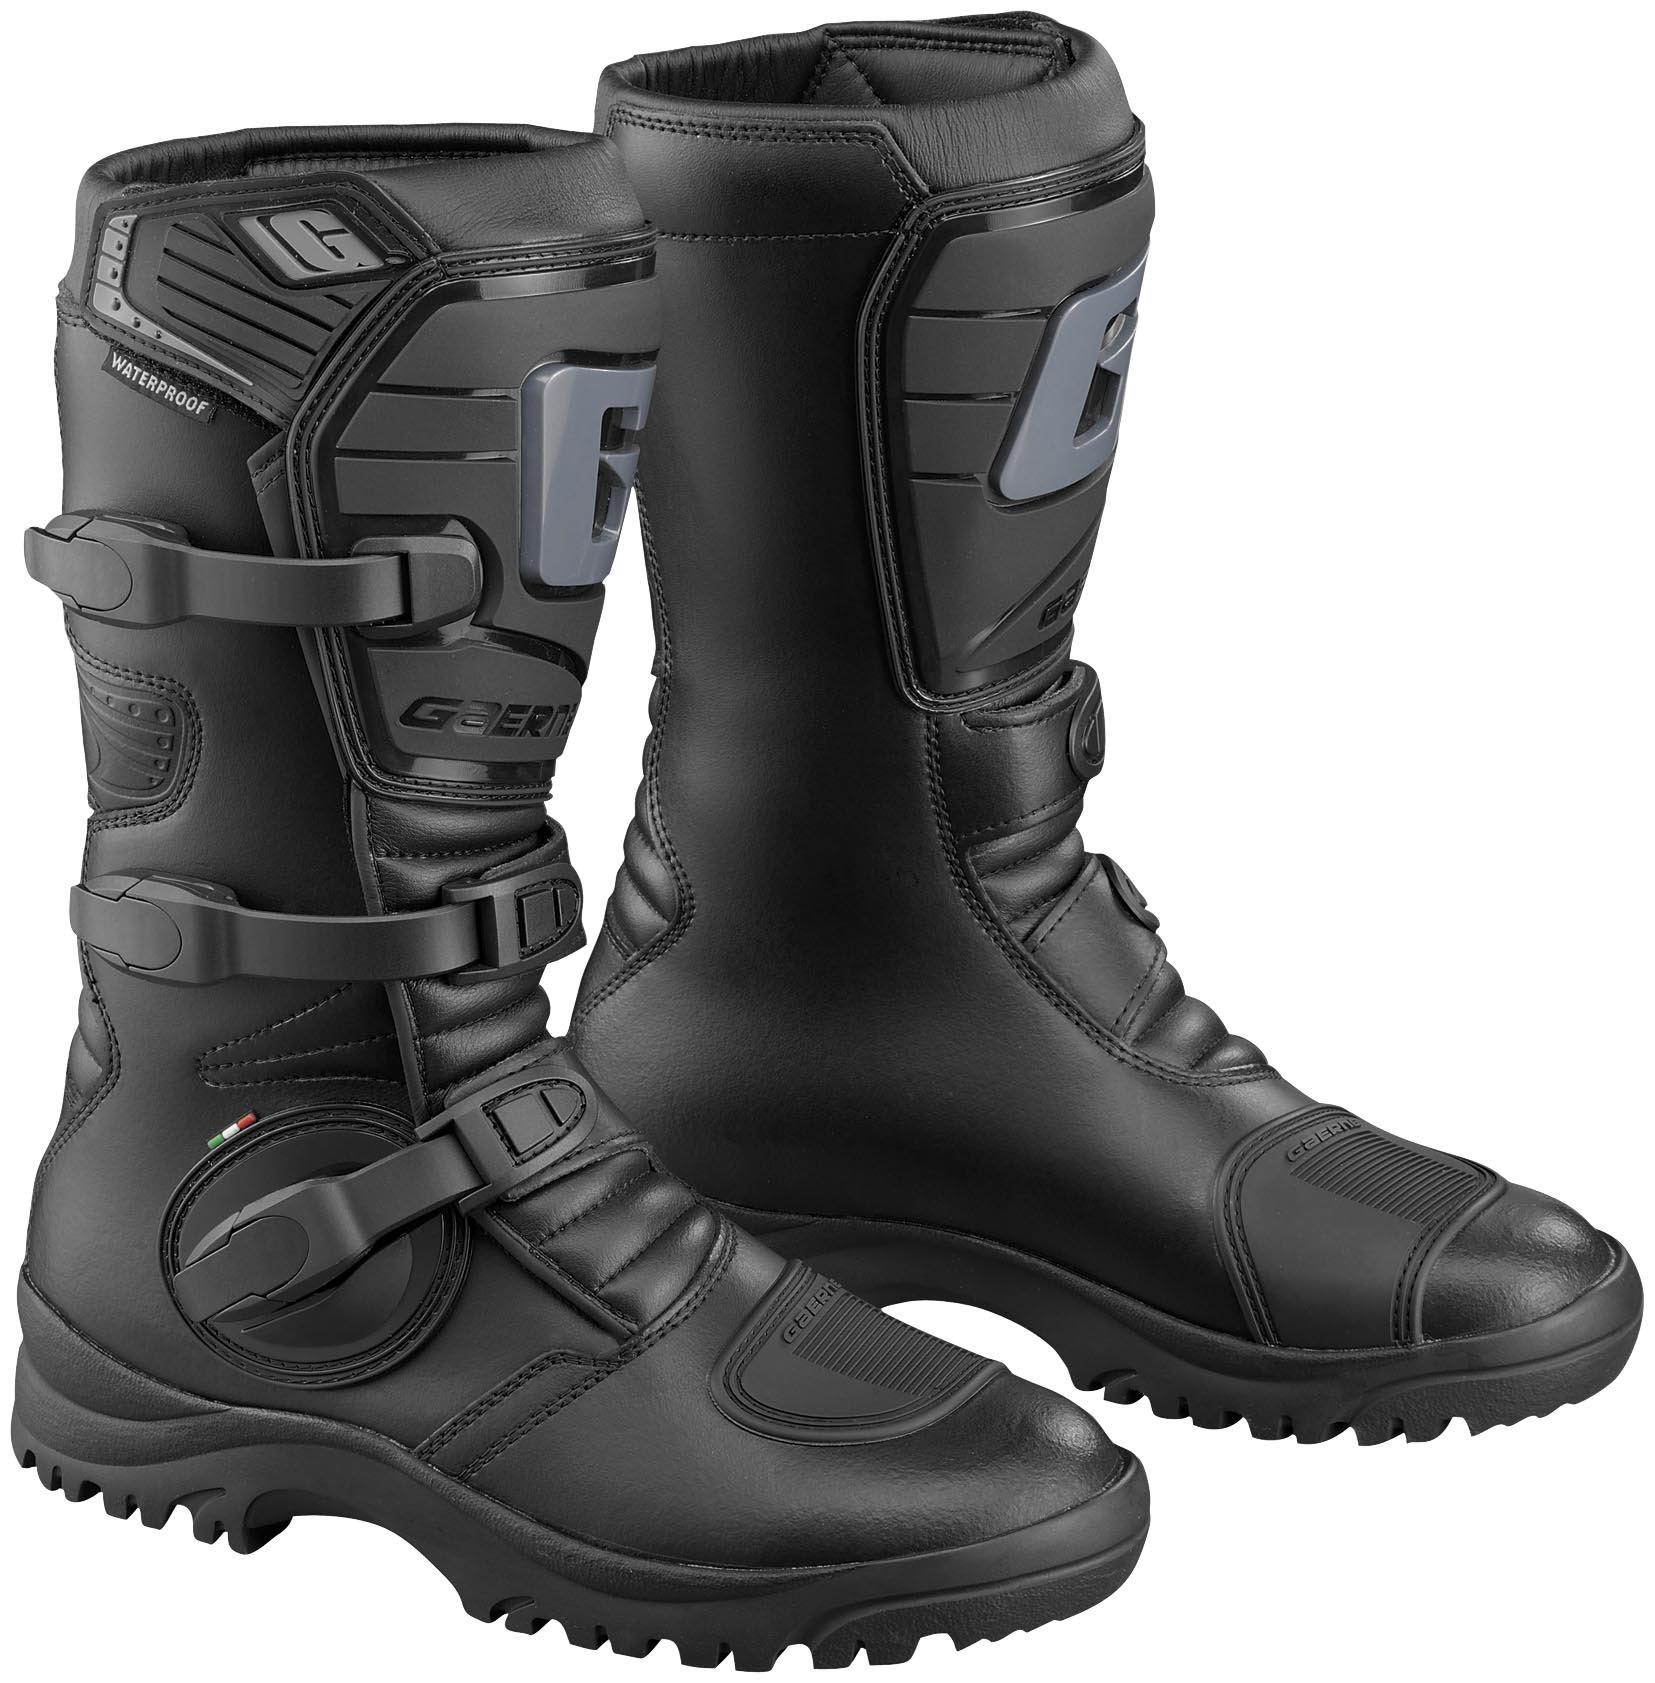 Gaerne G-Adventure Mens Black Motocross Boots - 12